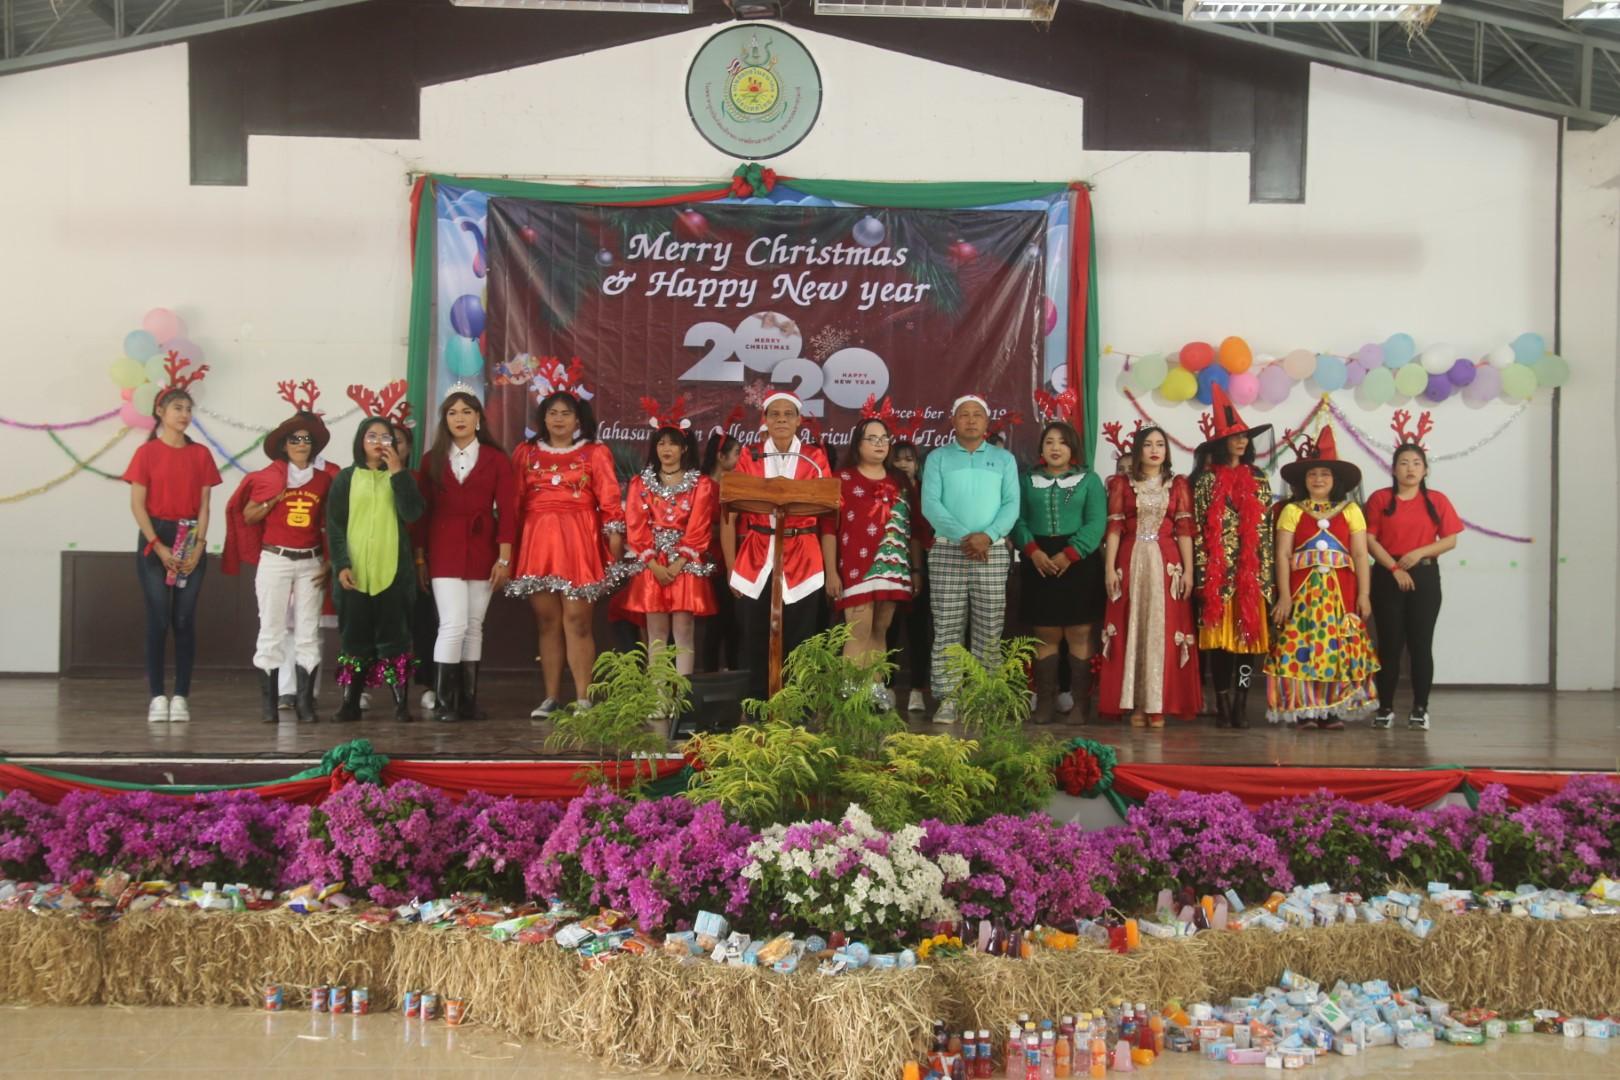 ภาพจิกรรมการ งานคริสมาส 25 ธันวาคม 2562